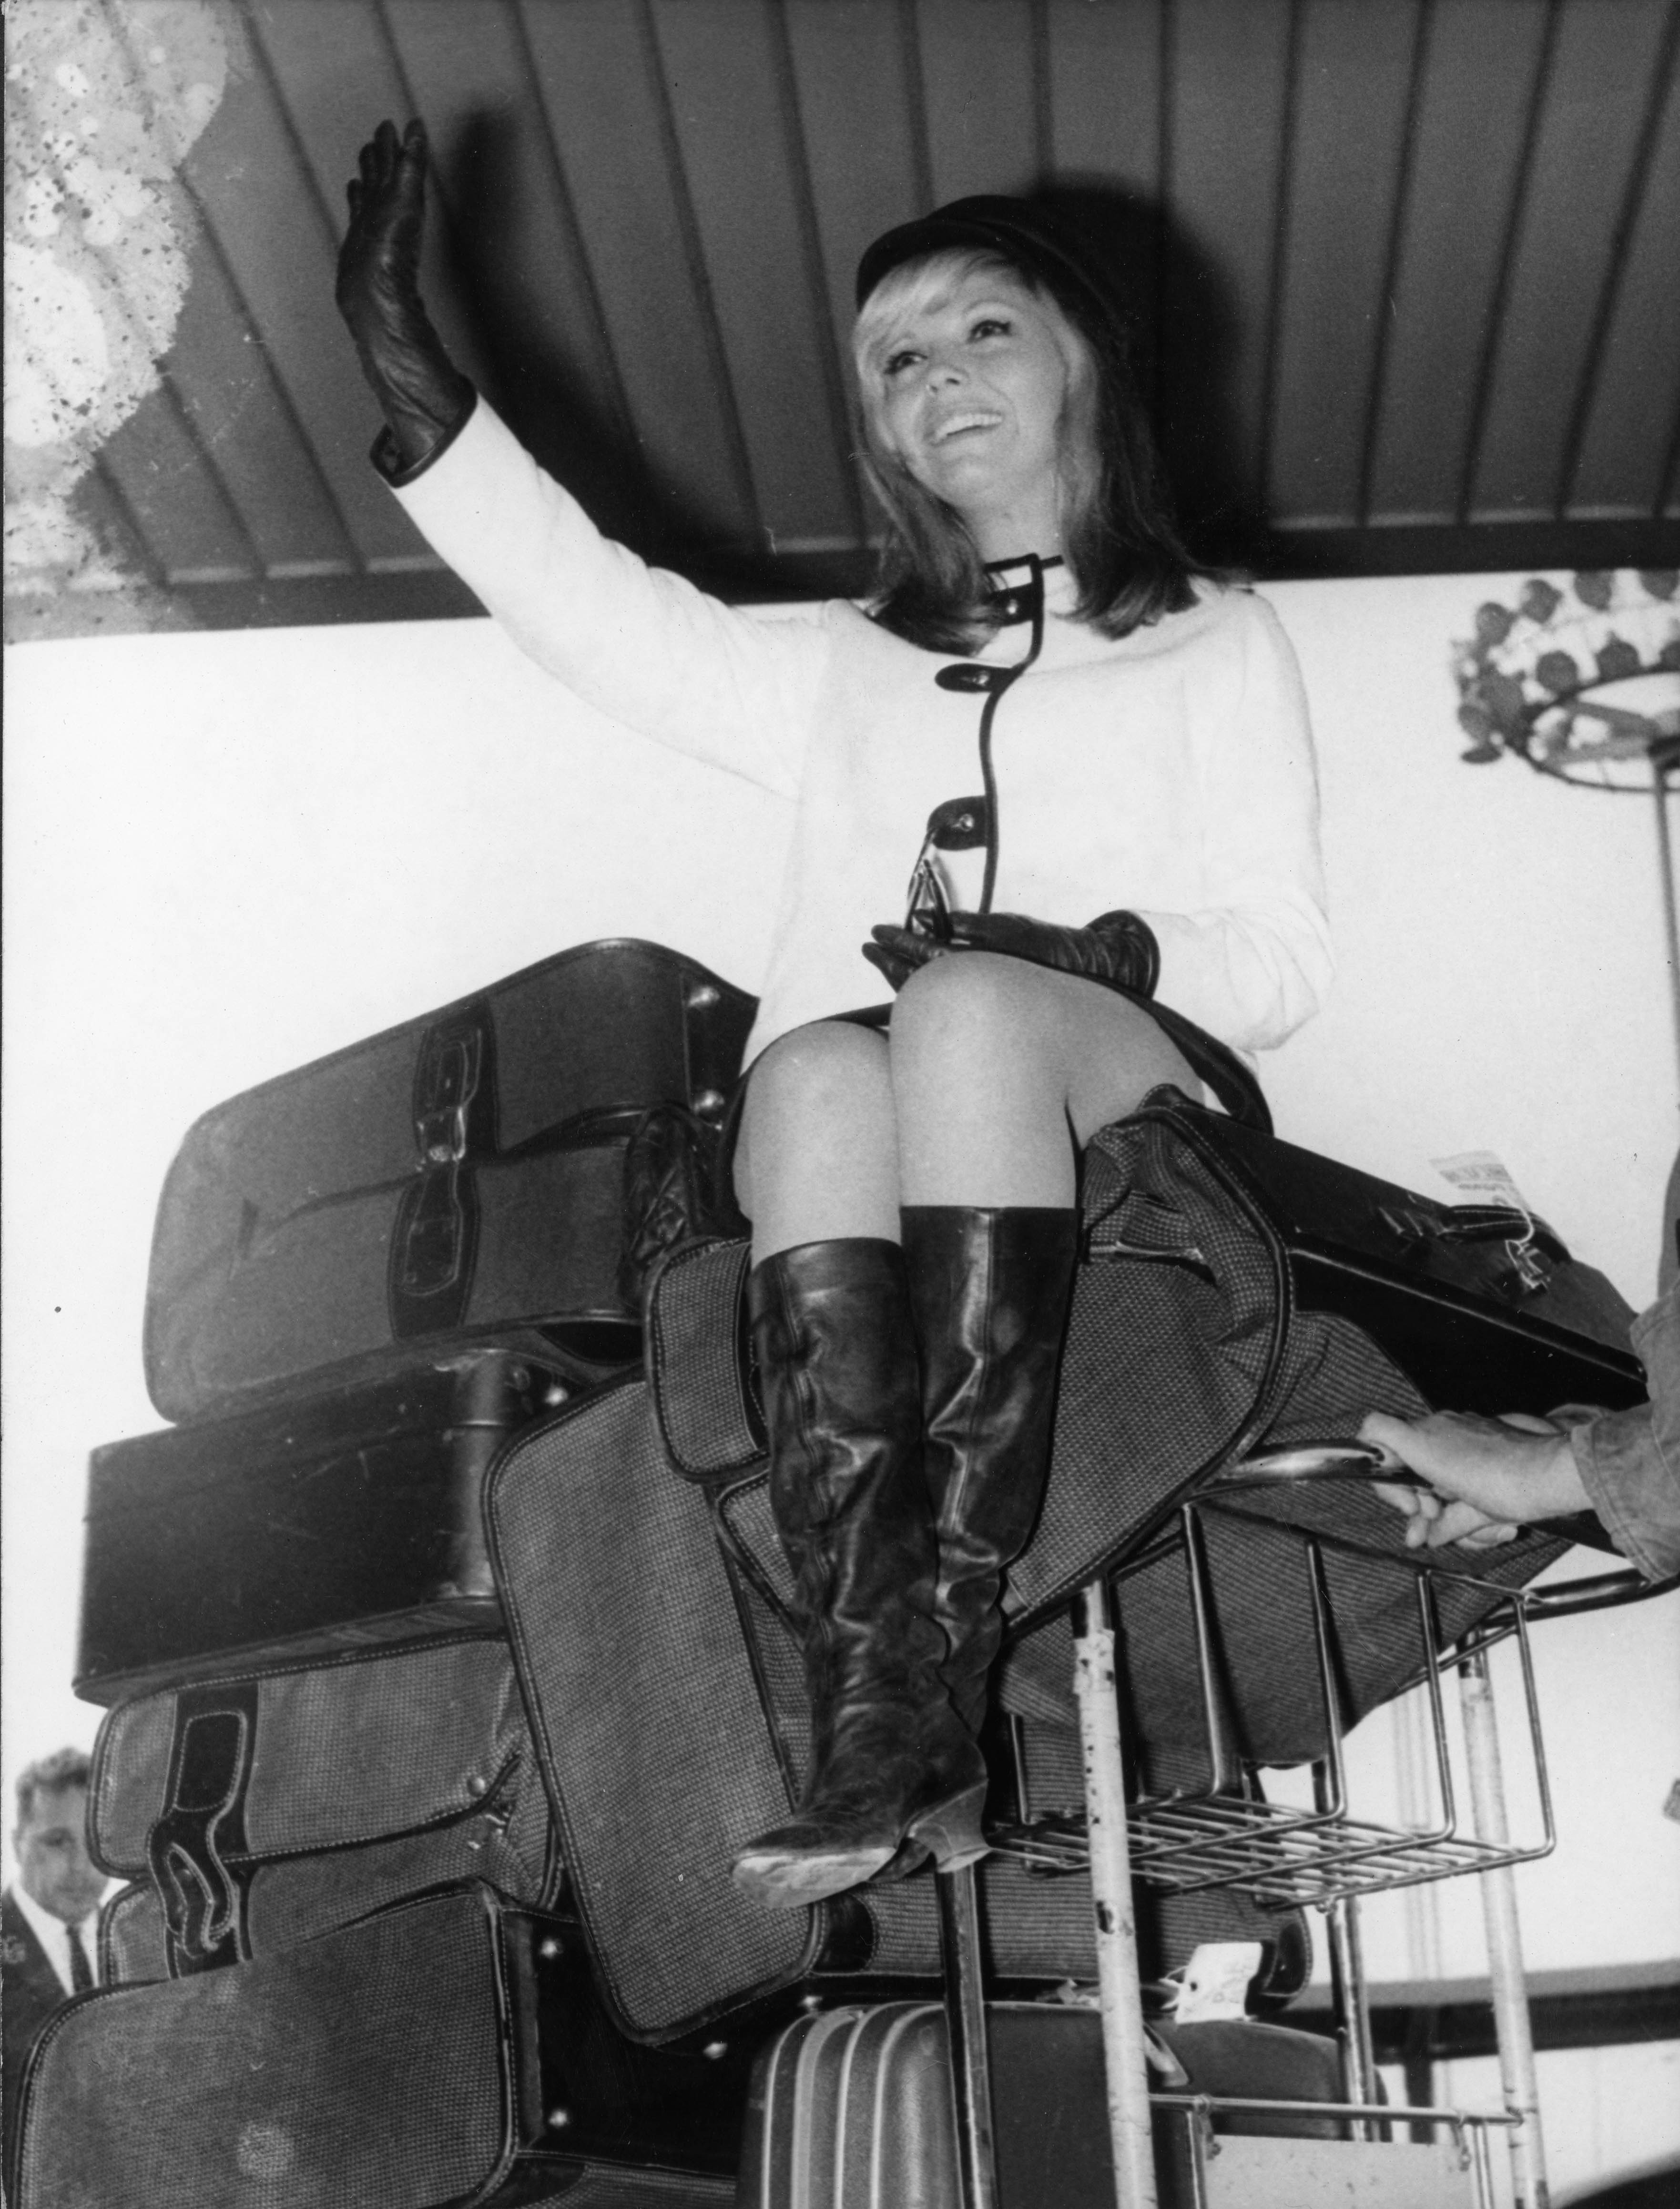 Singer Nancy Sinatra